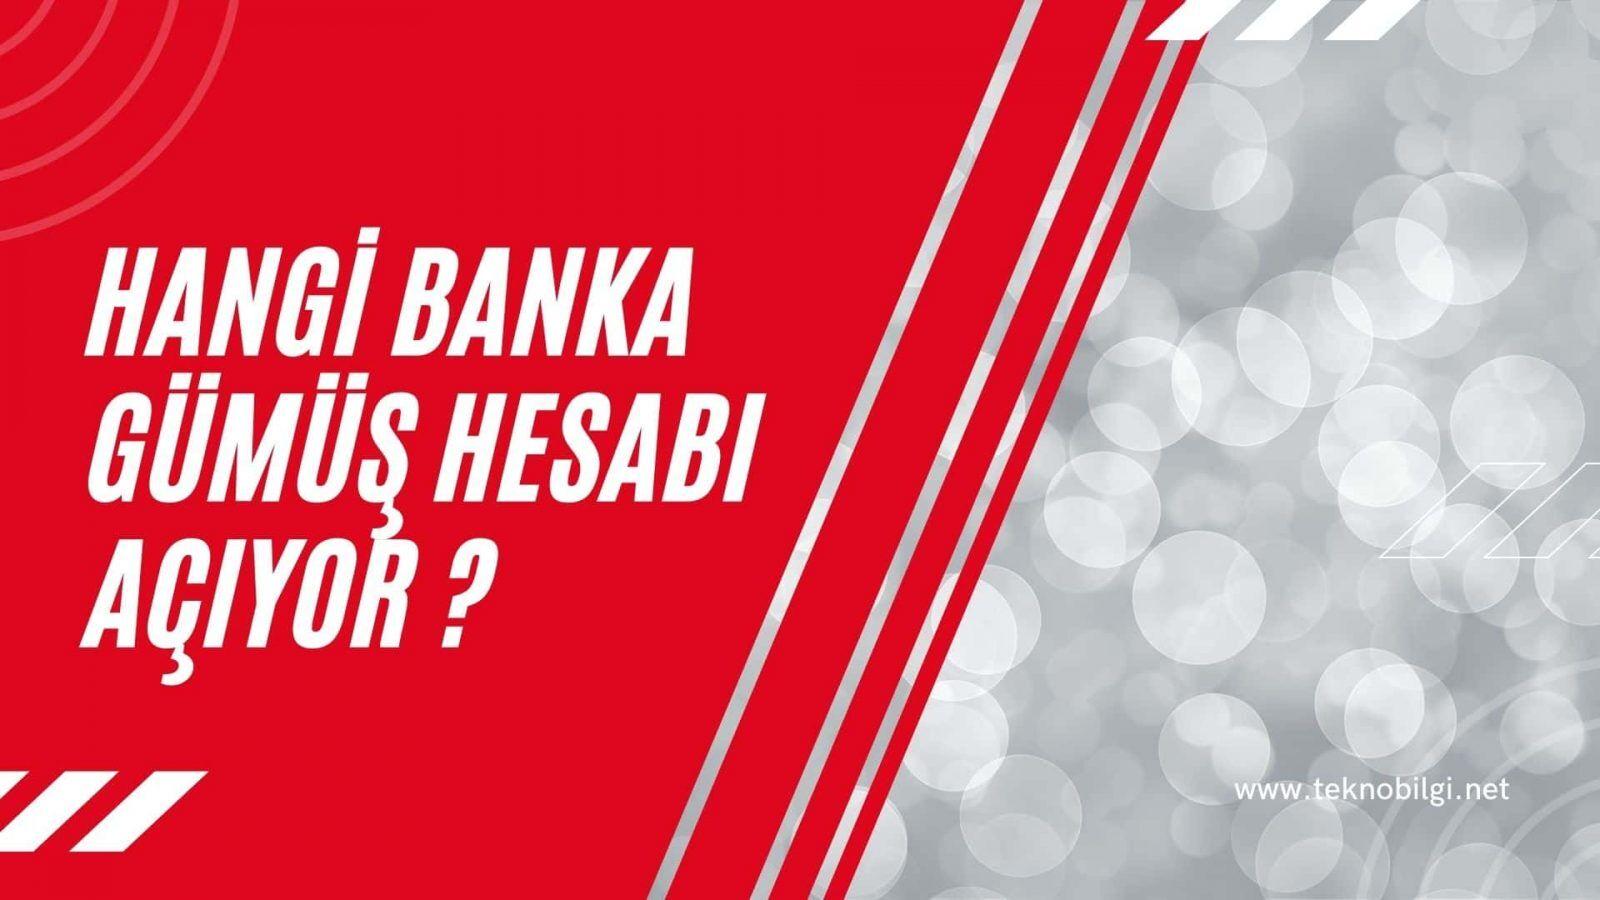 Hangi Banka Gümüş Hesabı Açıyor, Hangi Banka Gümüş Hesabı Açıyor ?